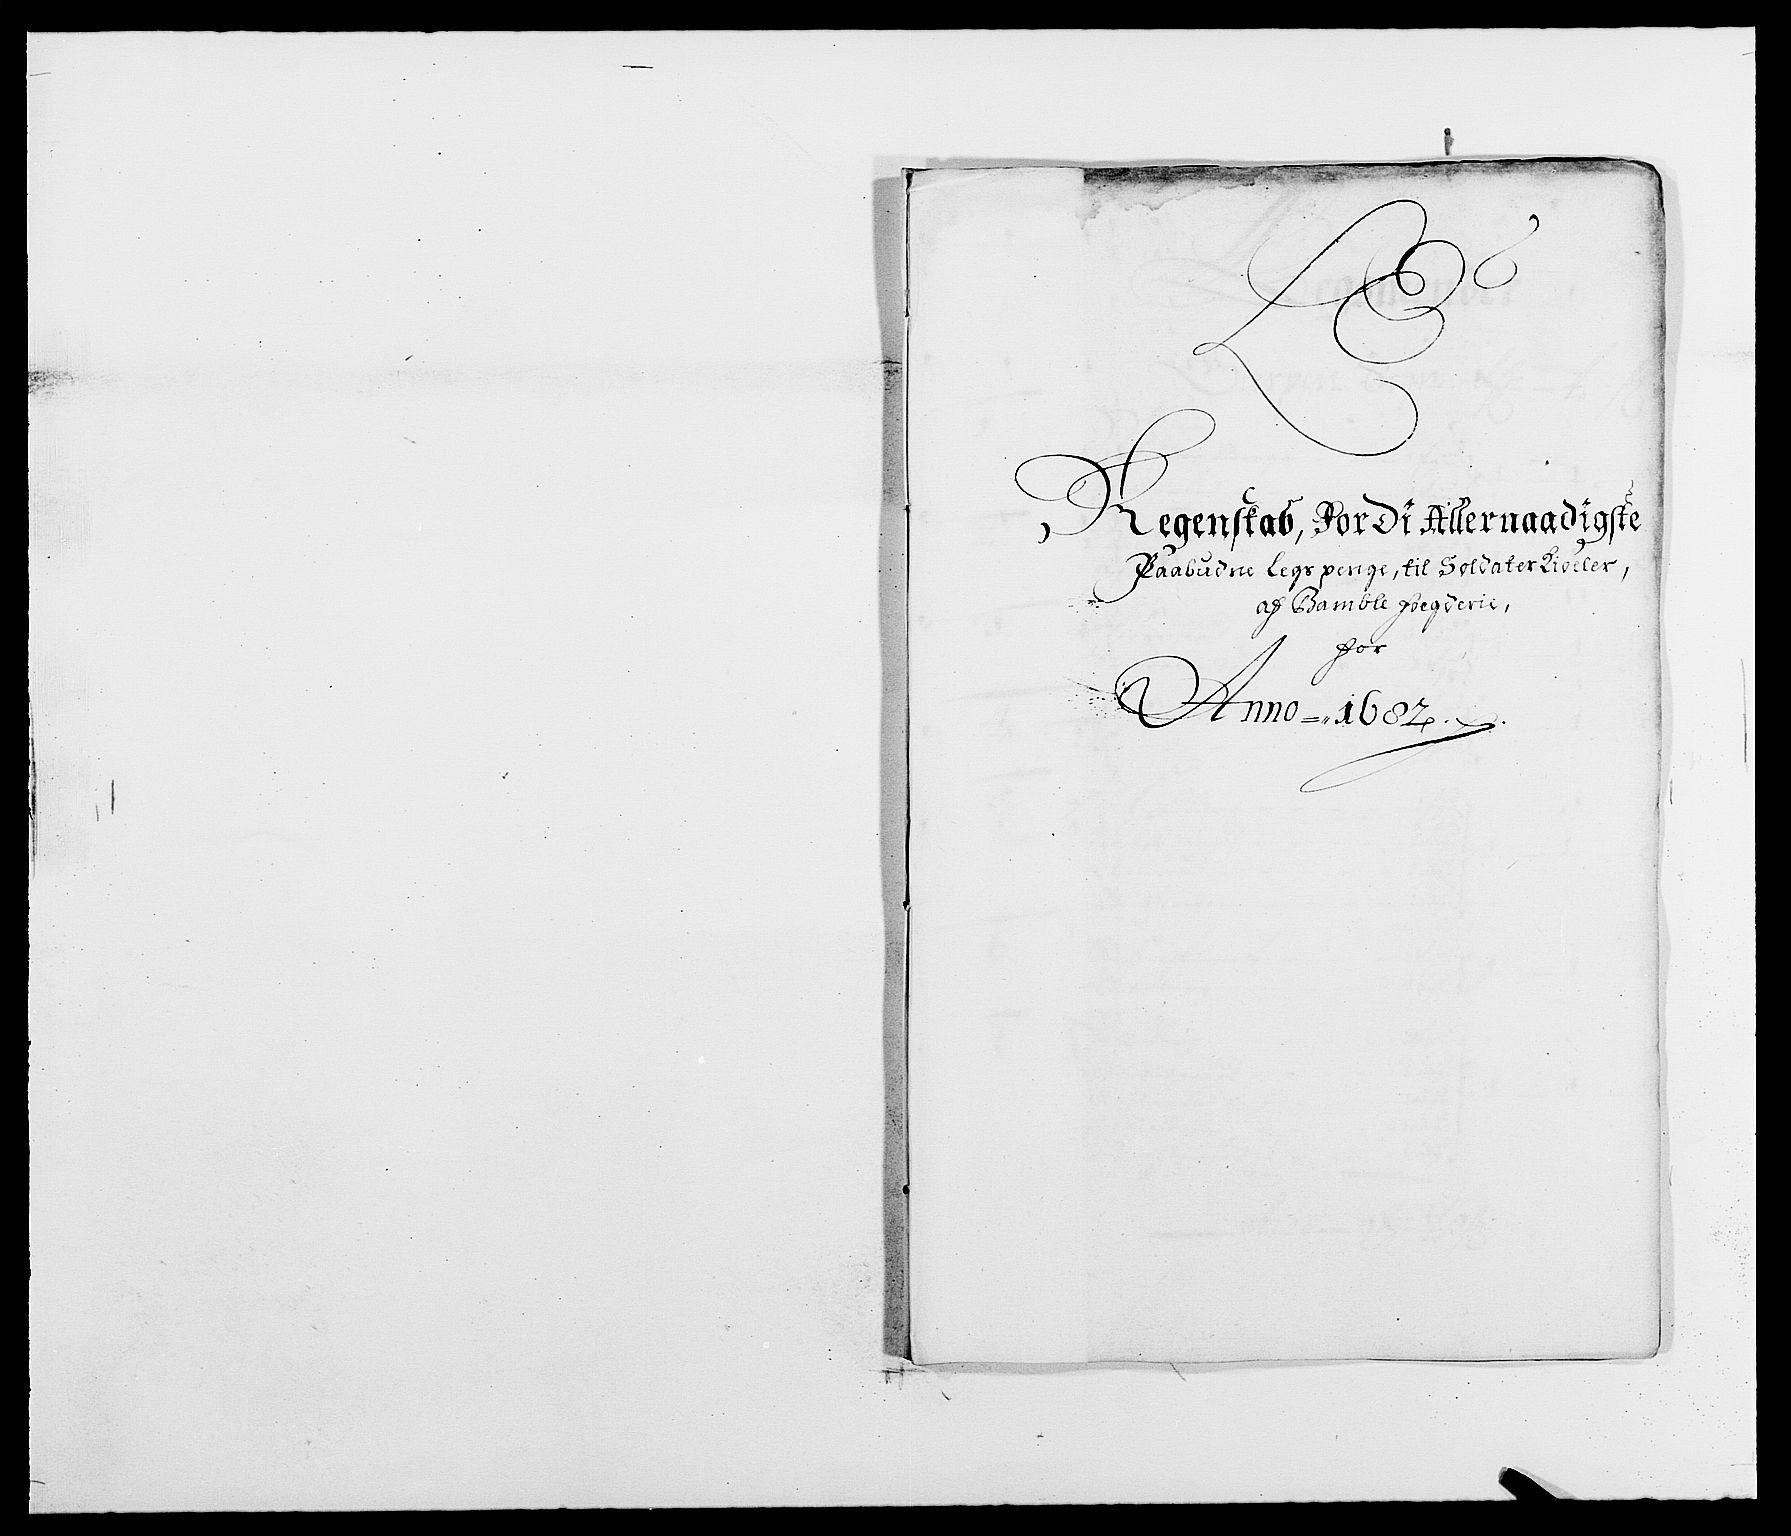 RA, Rentekammeret inntil 1814, Reviderte regnskaper, Fogderegnskap, R34/L2046: Fogderegnskap Bamble, 1682-1683, s. 140